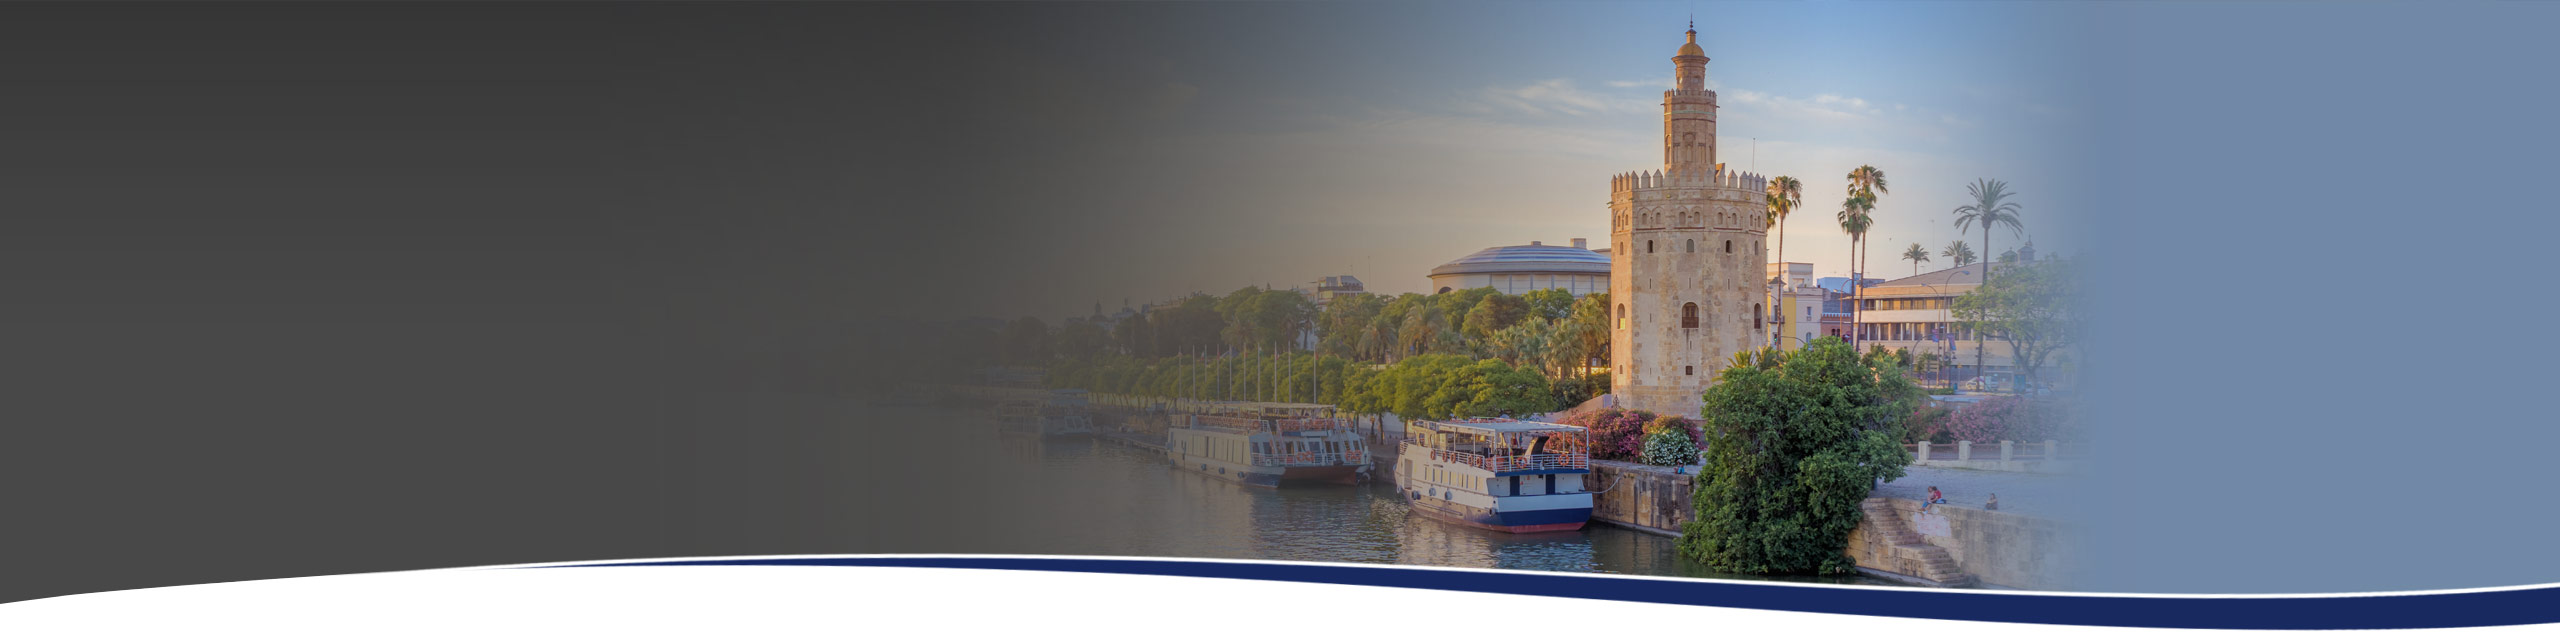 Sevilla, el destino ideal para hacer realidad tus sueños - Escuela Superior de Hostelería de Sevilla